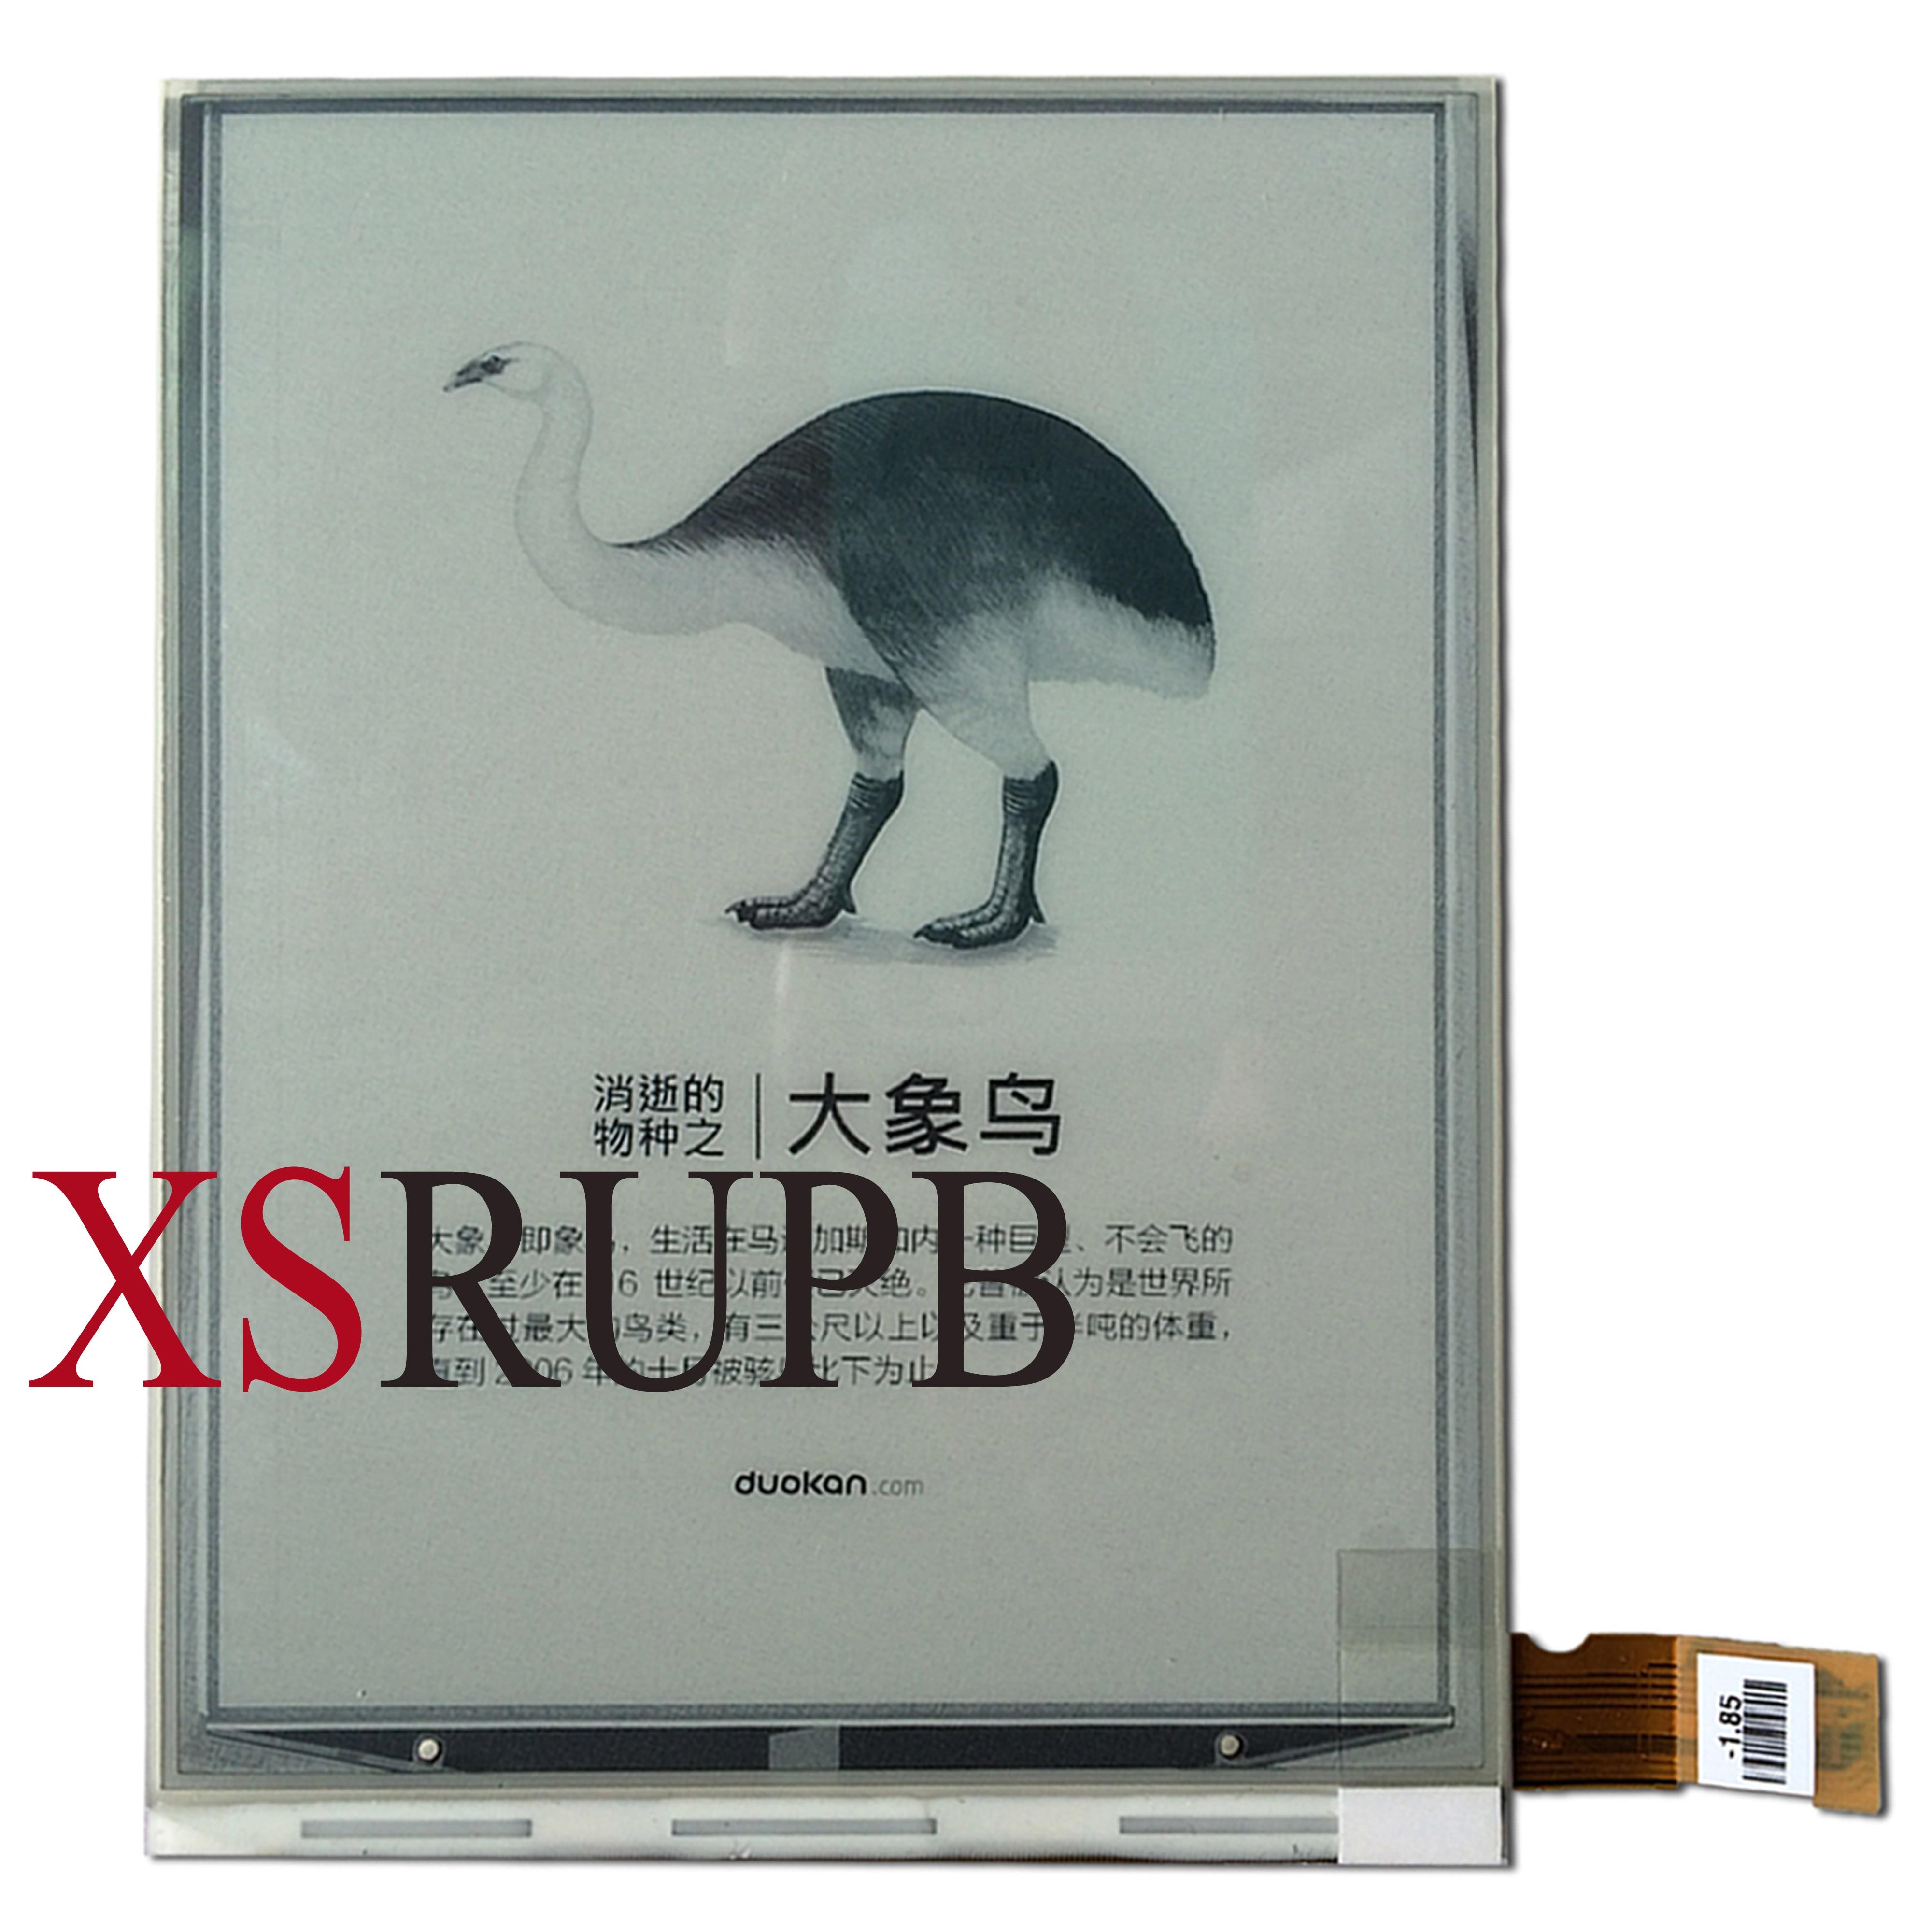 Оригинальный 6.0 E-Ink электронной бумаги epaper ЖК-дисплей дисплей Экран для Amazon Kindle клавиатура d00901 чтения электронных книг